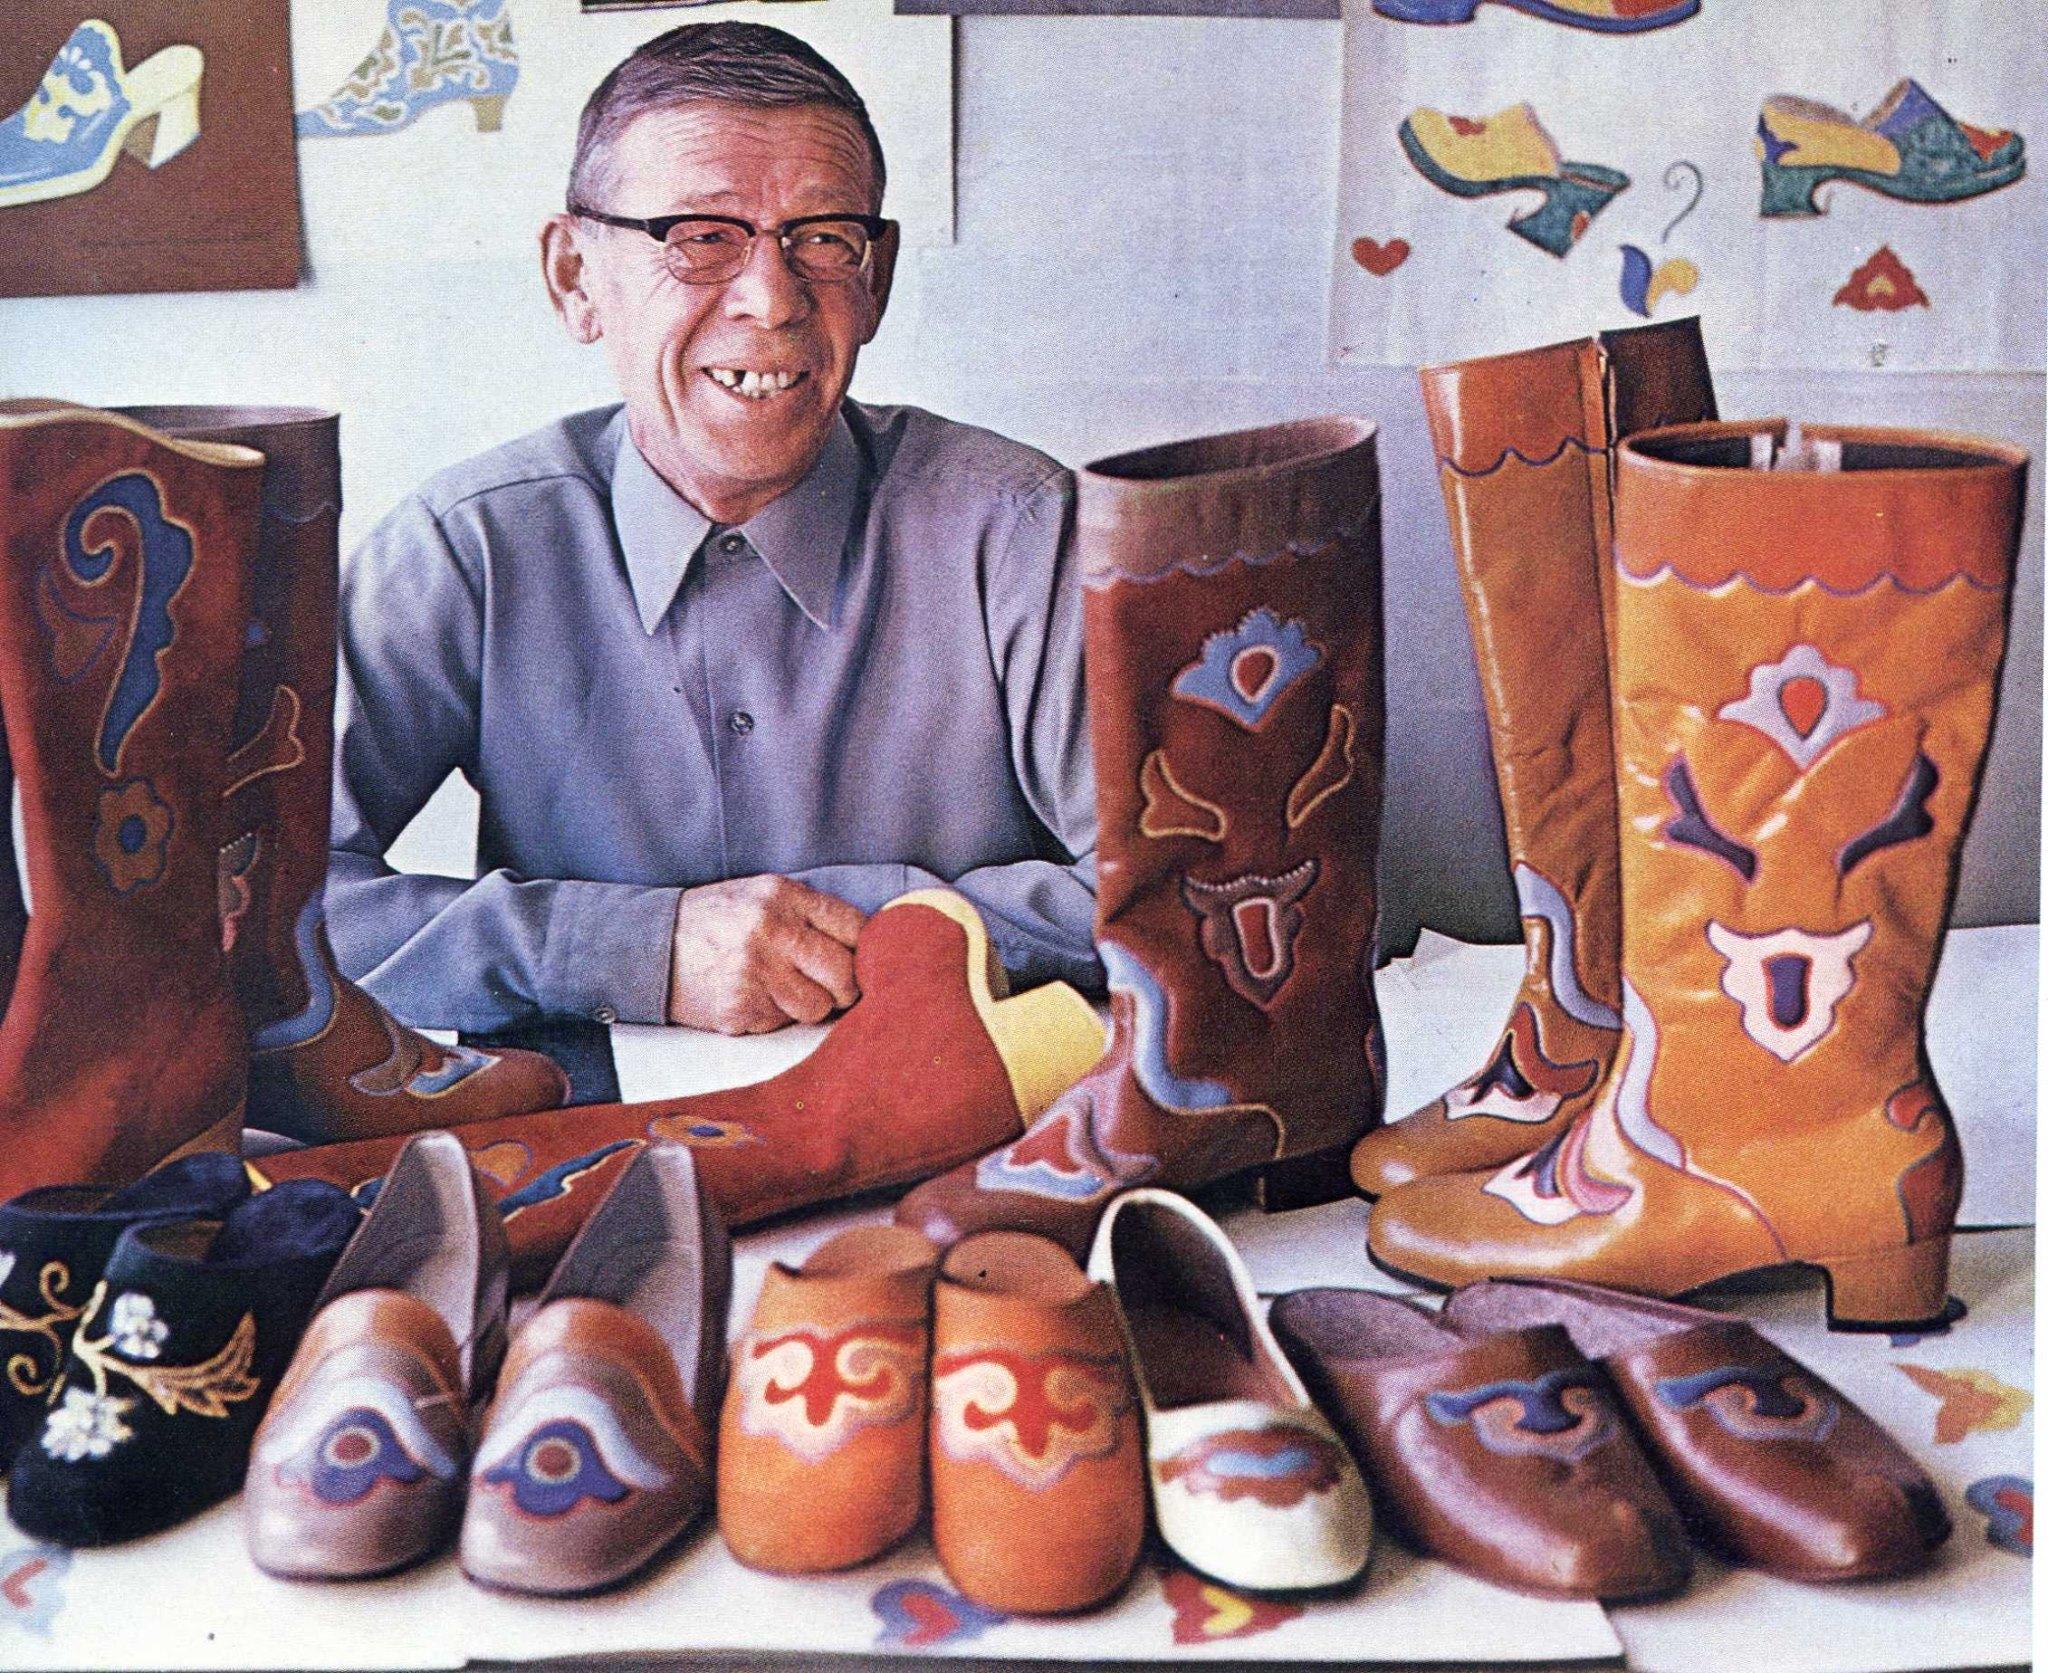 Татарская национальная обувь, 1970-е годы. Фото Рустама Мухаметзянова